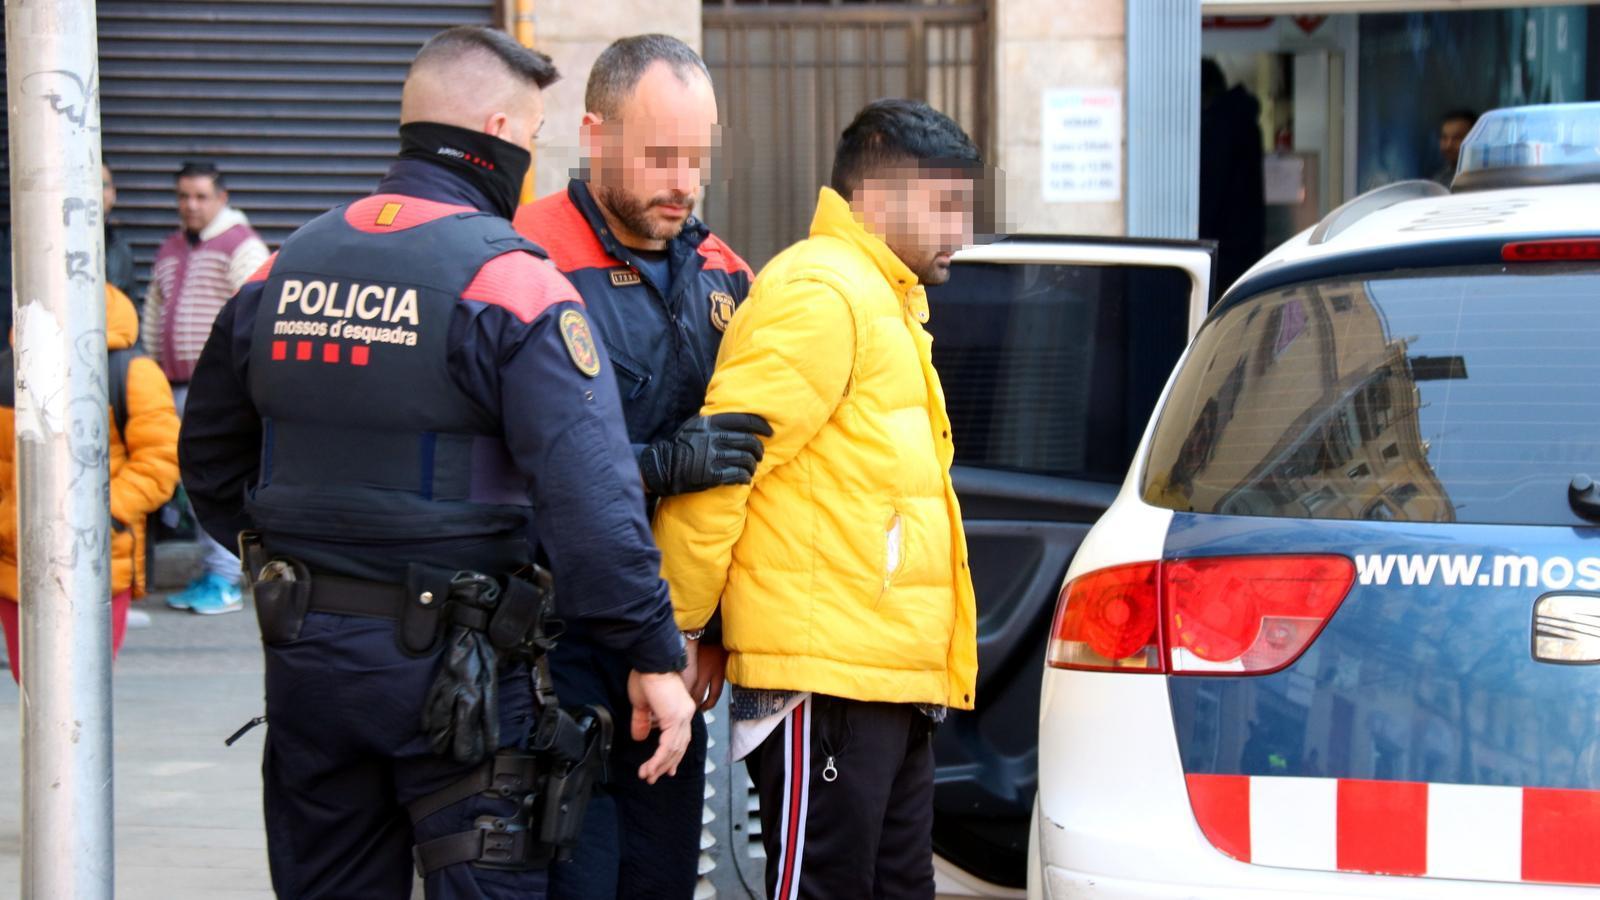 12 detinguts en un operatiu policial contra els narcopisos a Ciutat Vella